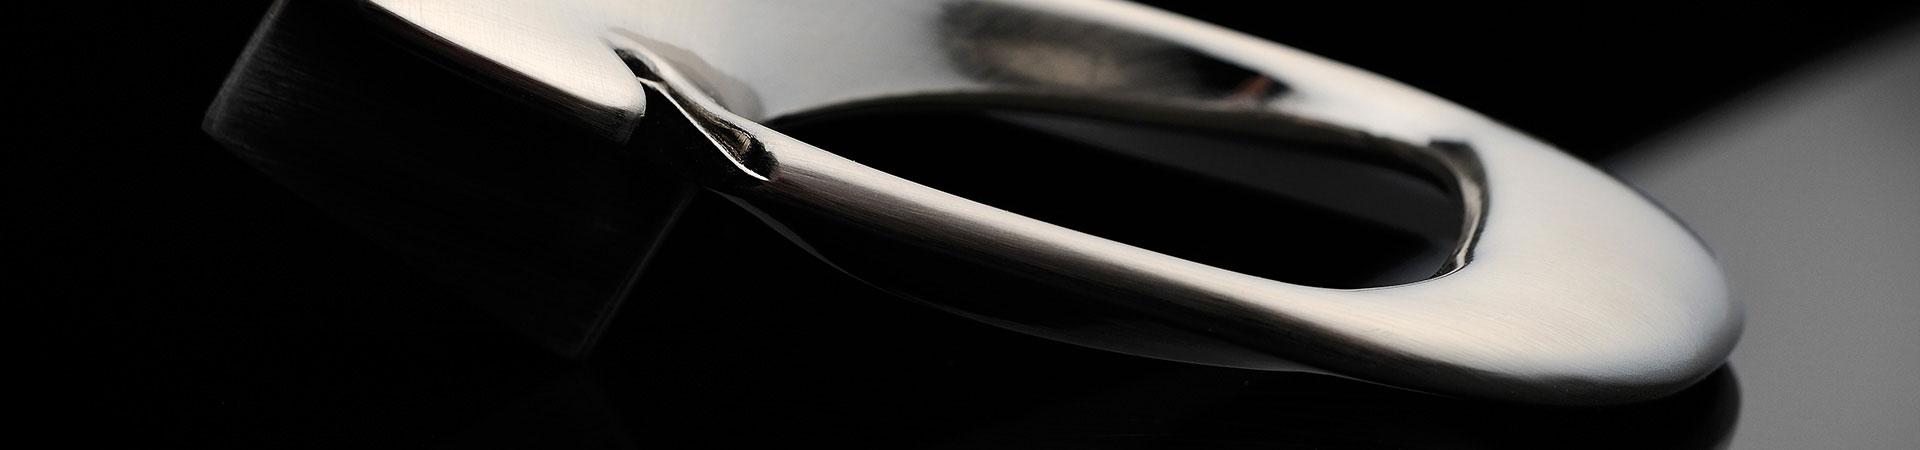 Maniglie Mobili Di Design.Maniglie Pomelli Appendiabiti E Reggimensola Mital Maniglie Per Mobili Di Design